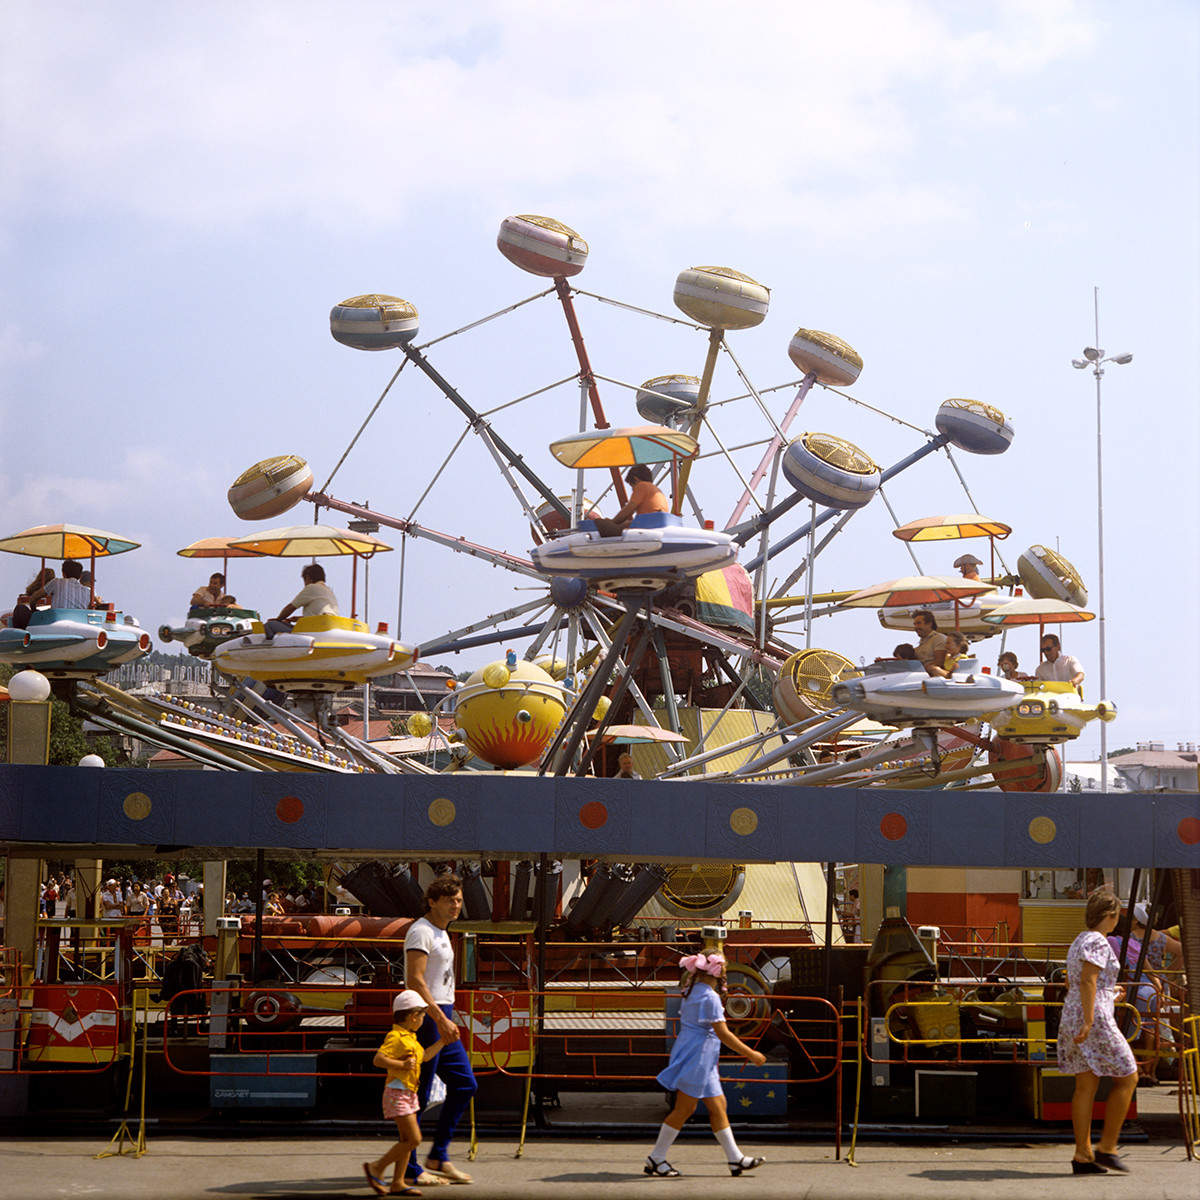 ヤルタの遊園地、1981年